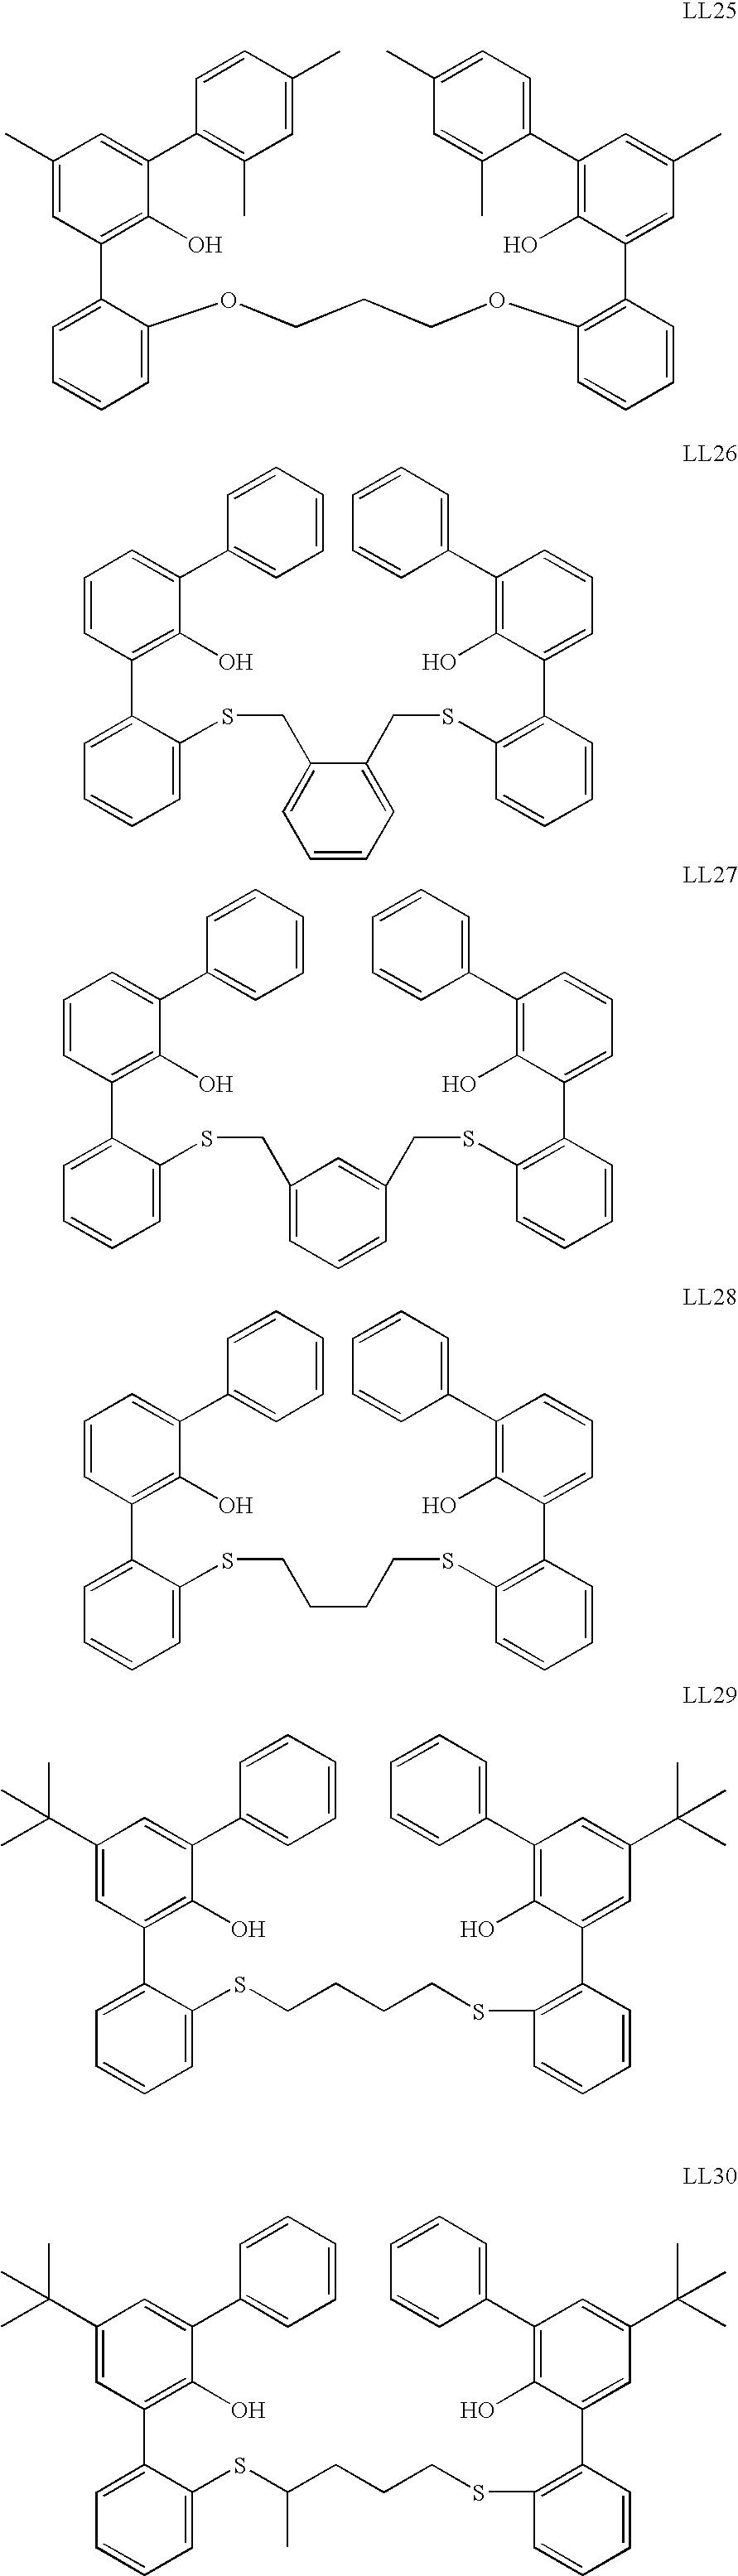 Figure US07241715-20070710-C00012